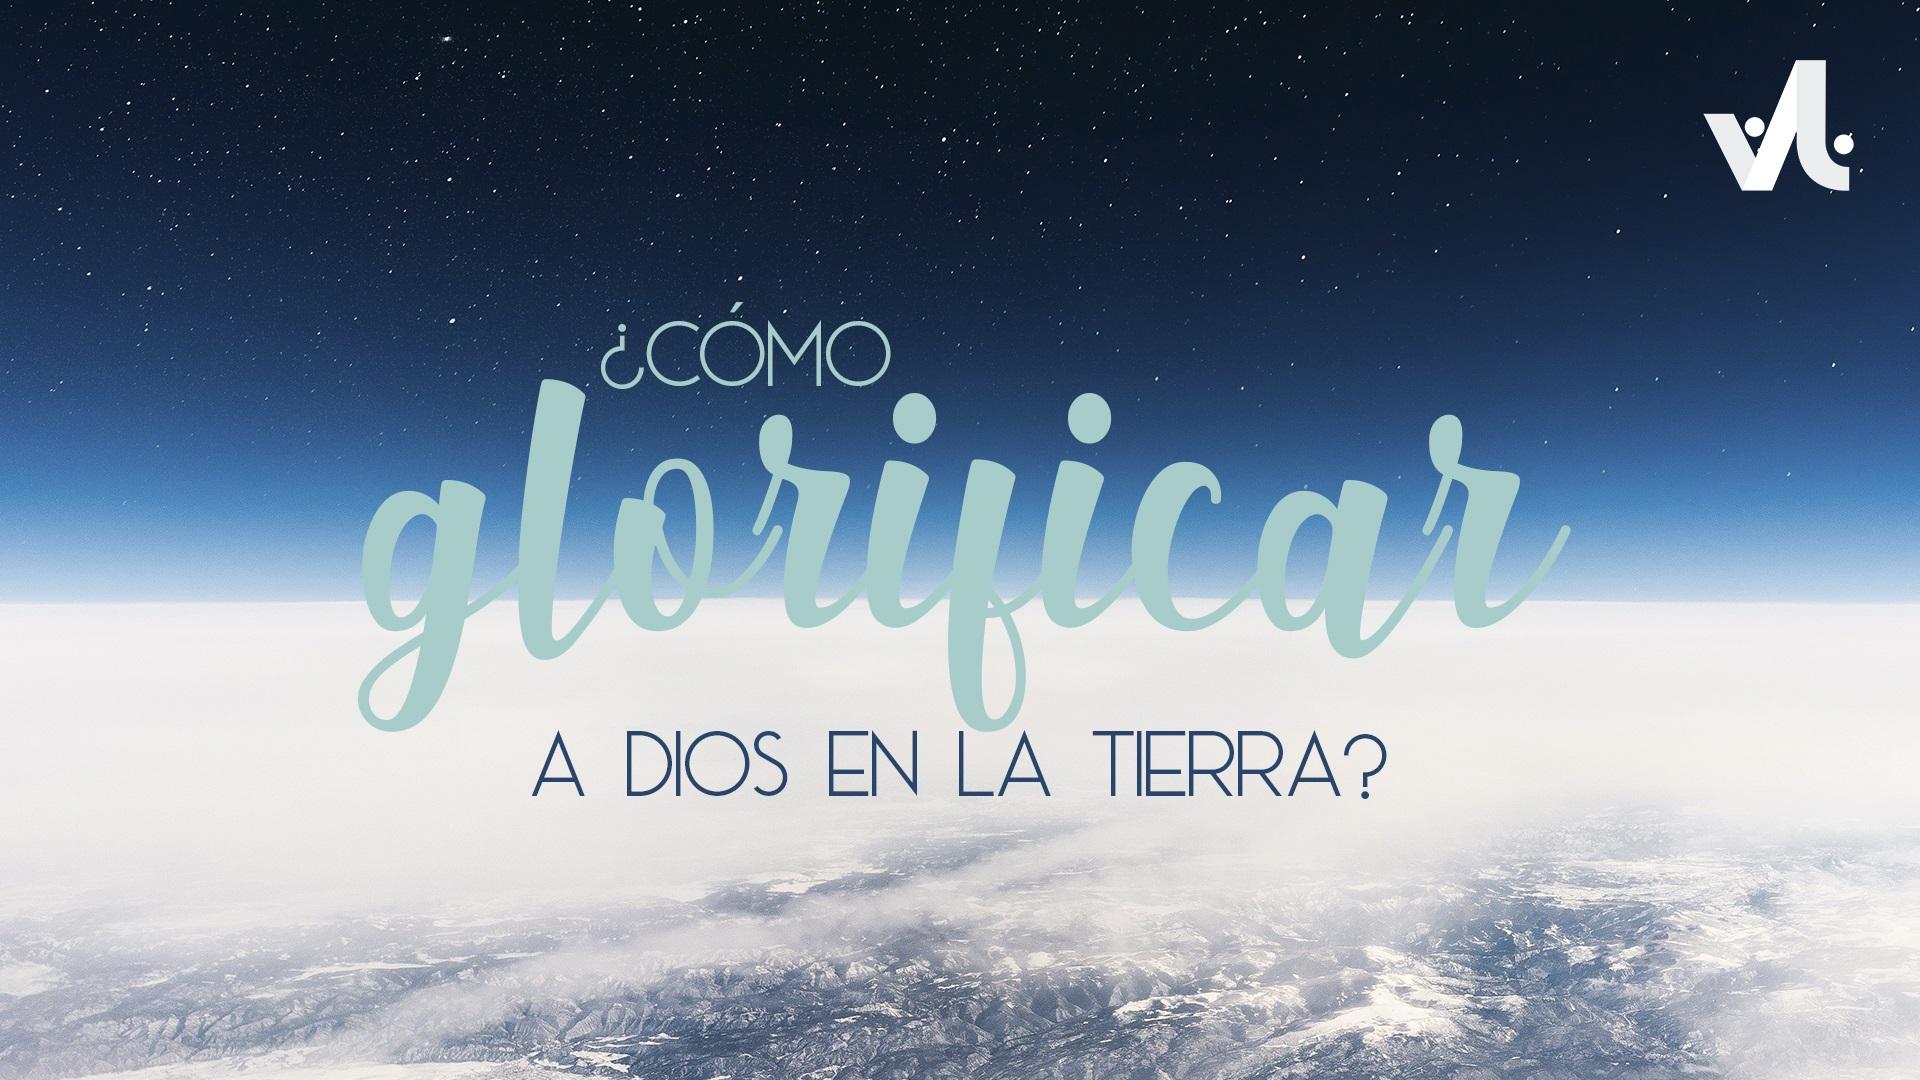 Cómo Glorificar a Dios en la Tierra